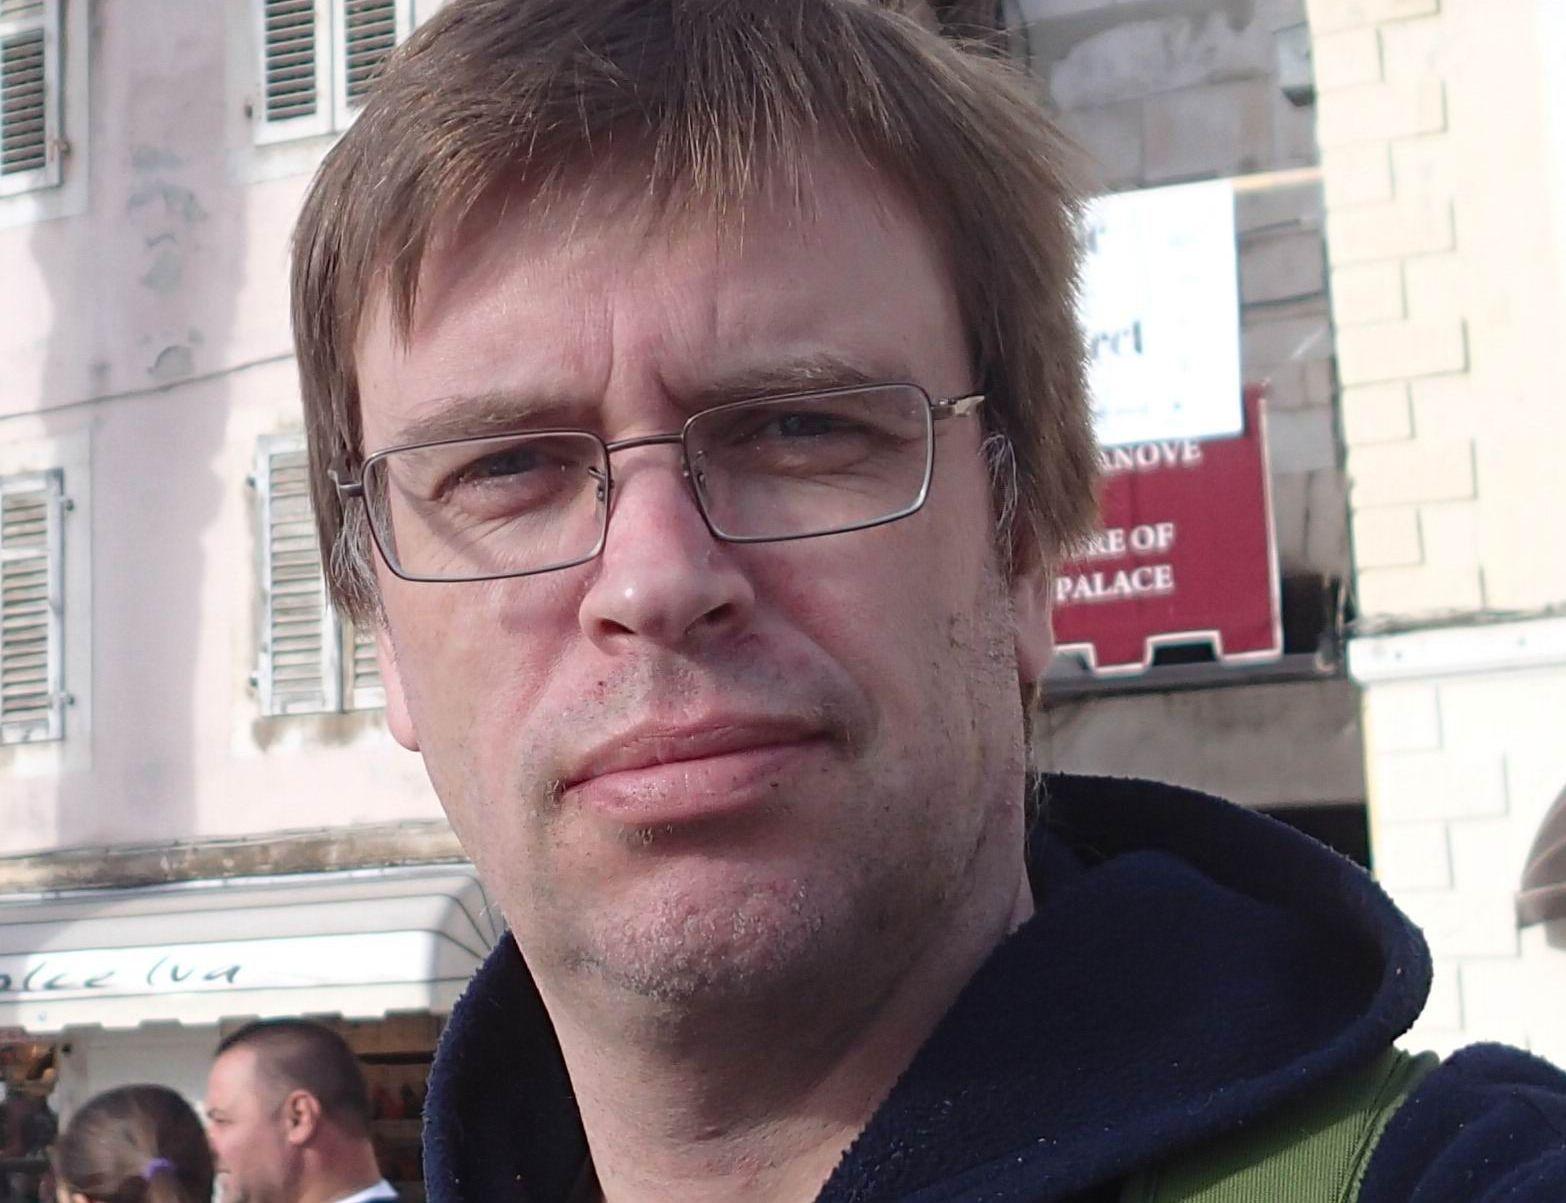 BOM-MOTSTANDER: Bjørn Revil er førstekandidat på Folkeaksjonen Nei til bompengers valgliste i Oslo.